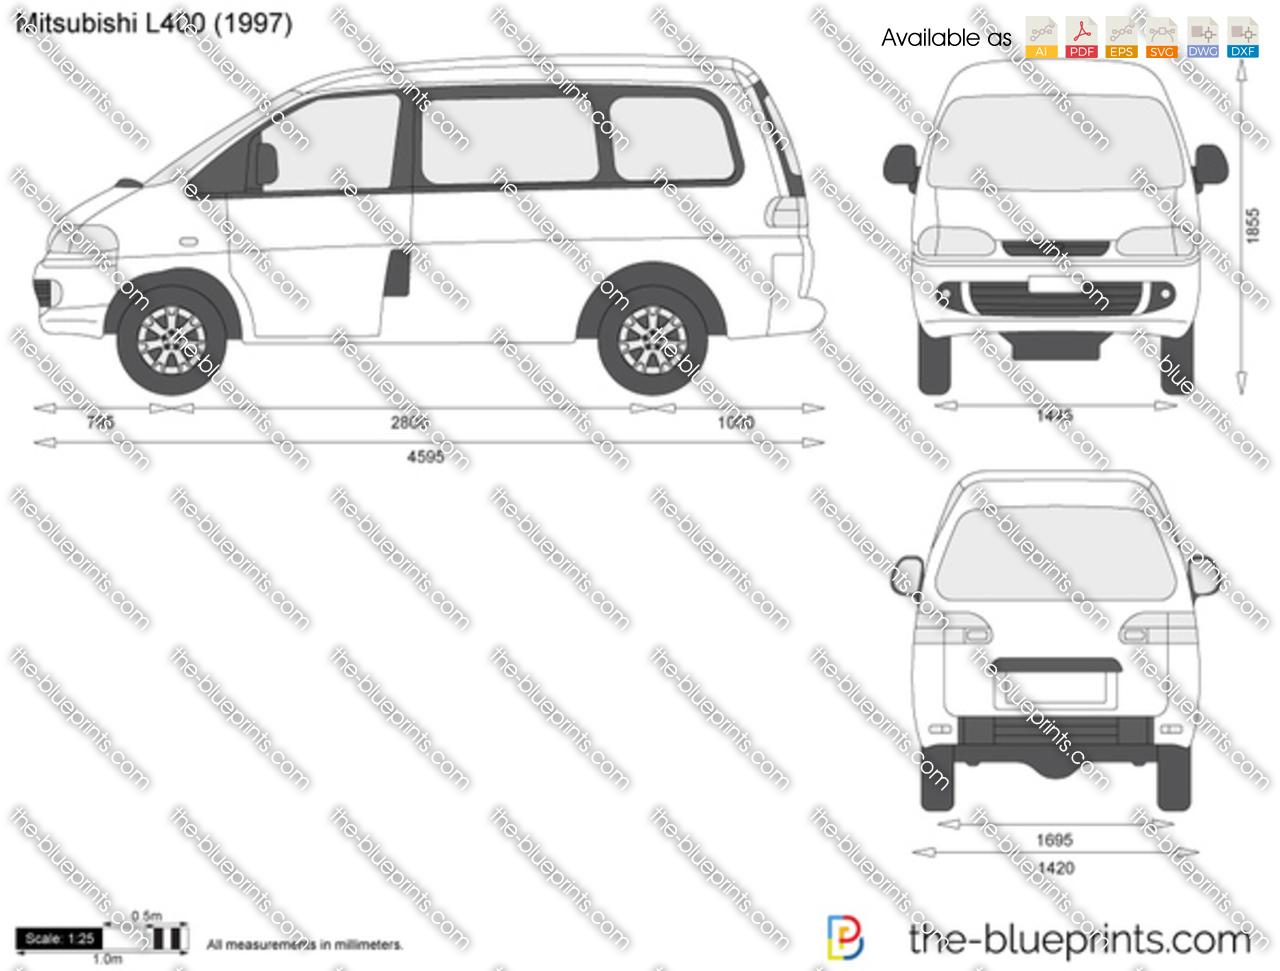 Mitsubishi L400 1995